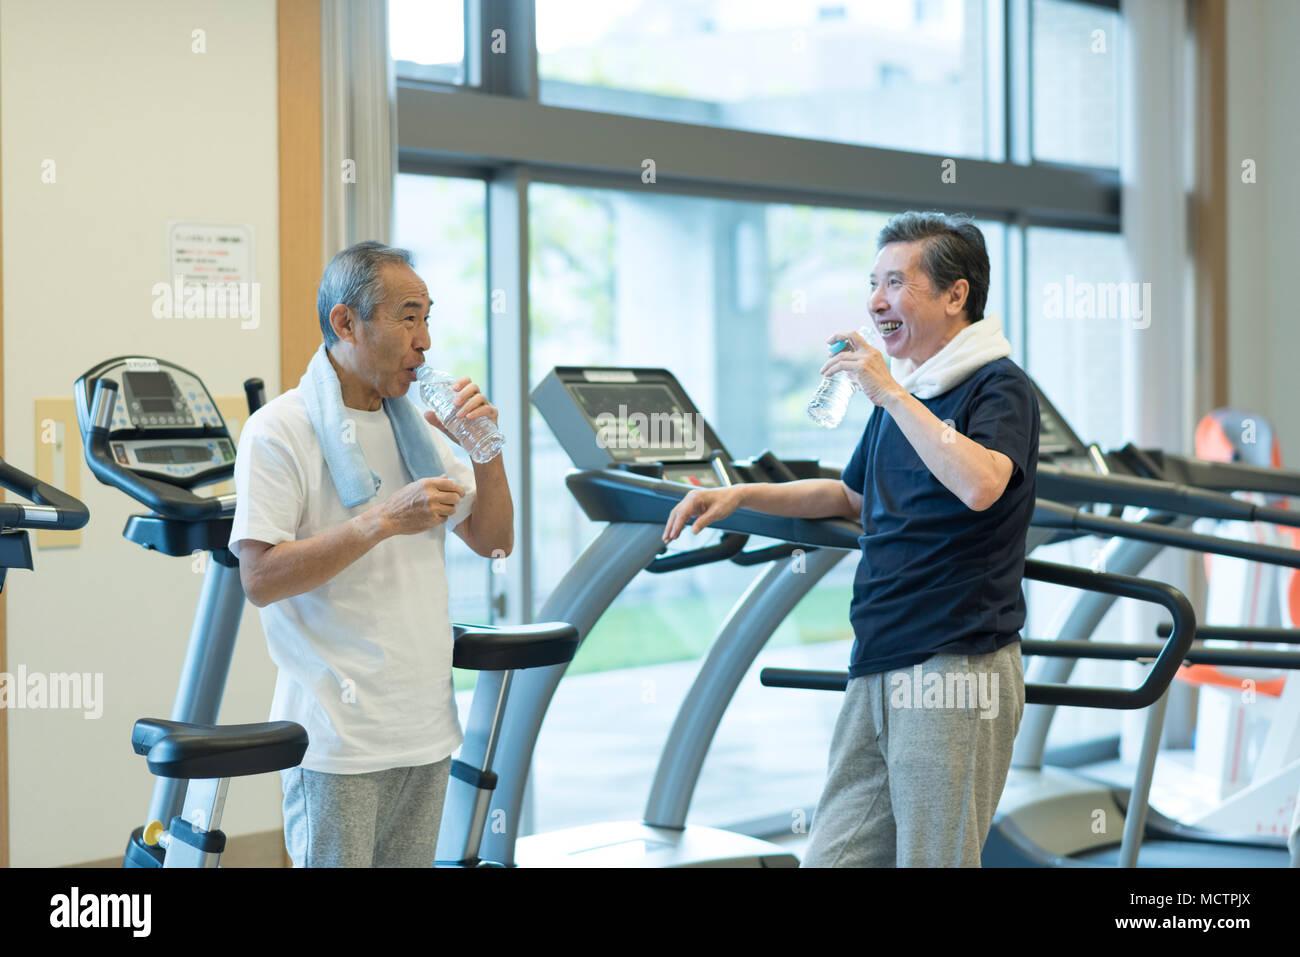 Senior man pausing at gym - Stock Image